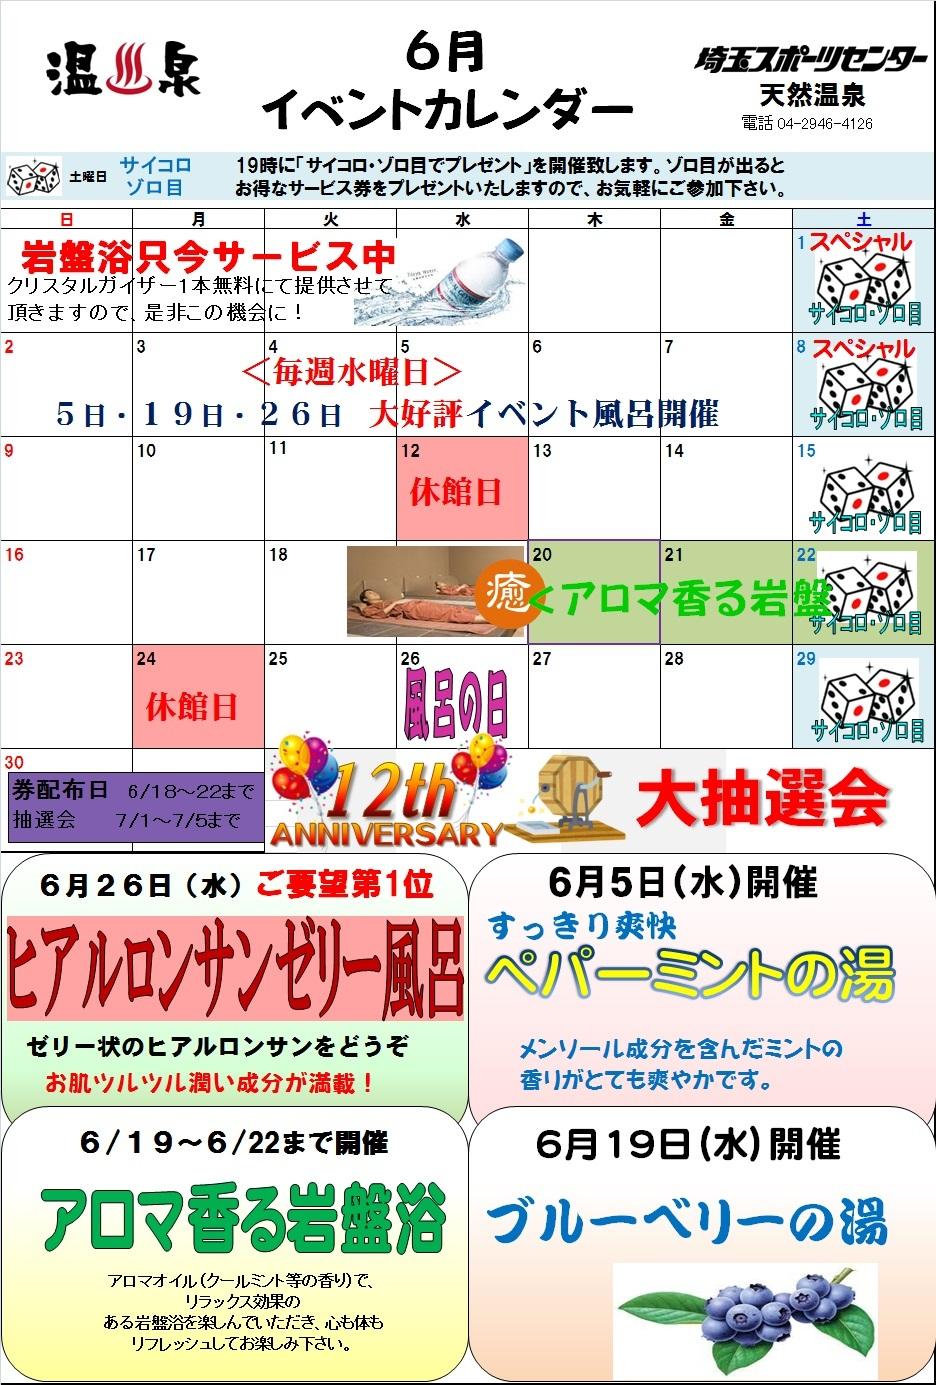 6月イベントカレンダー!!_e0187507_13390428.jpg